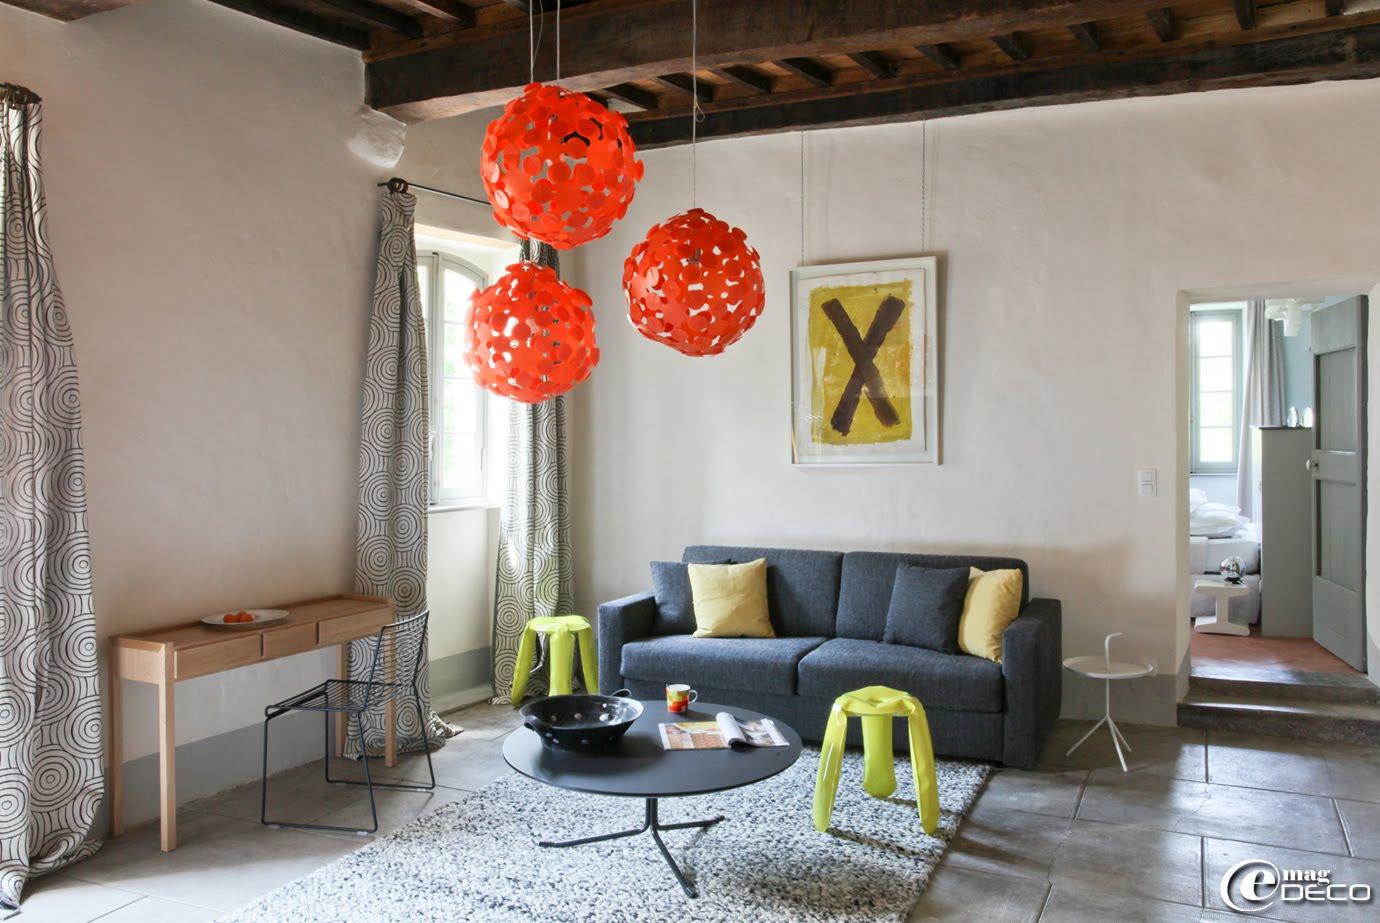 La maison d ulysse simple la maison duulysse with la - Belle maison valencia tucson fratantoni design ...